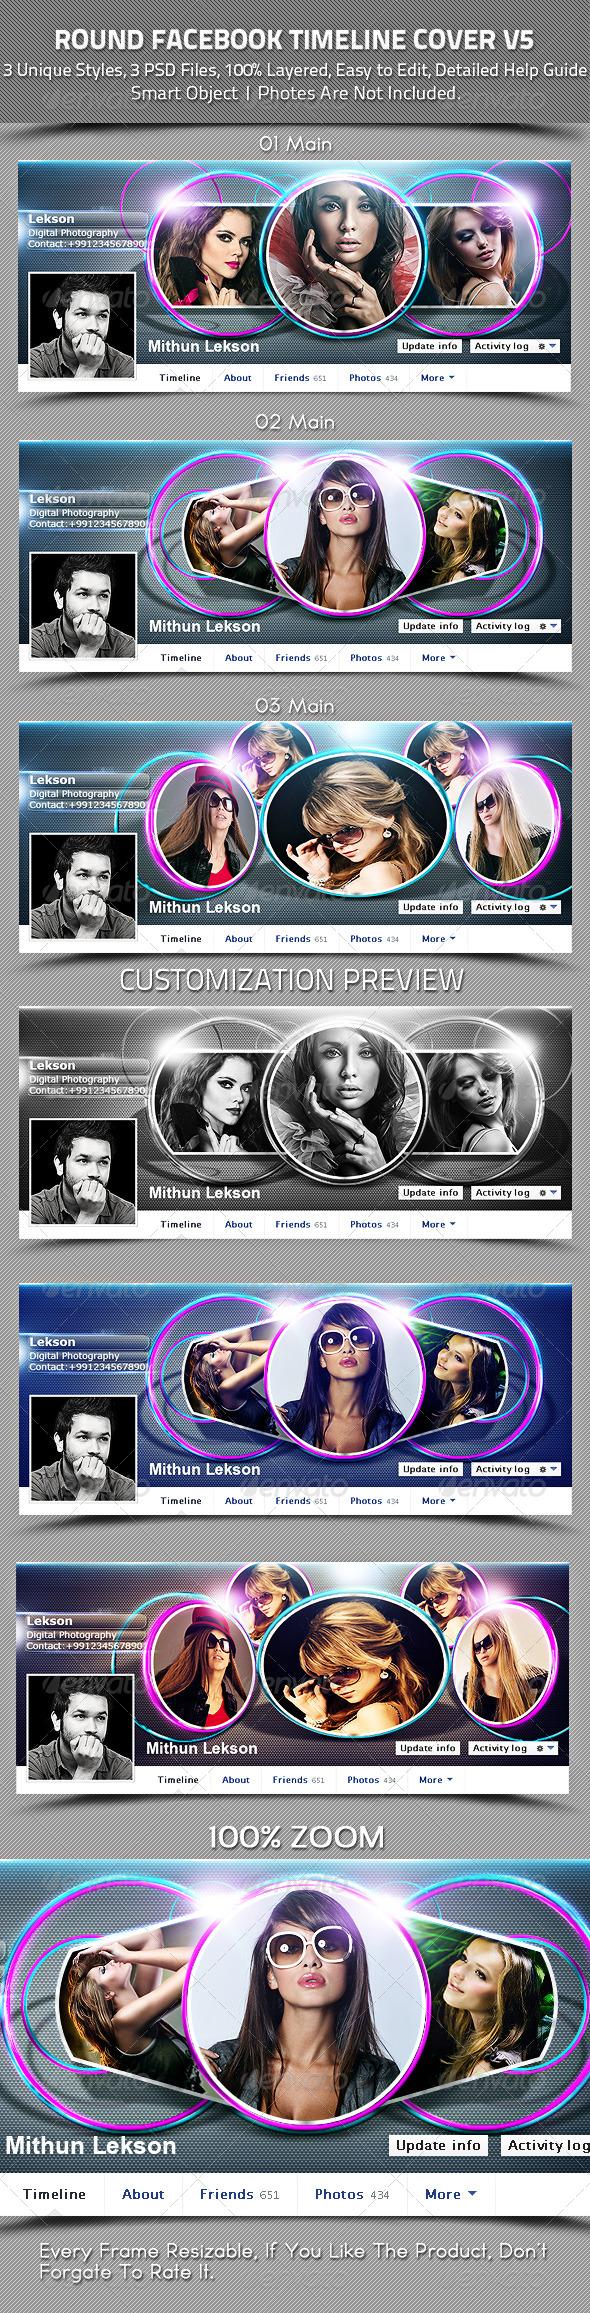 Round Facebook Timeline Cover V5 - Facebook Timeline Covers Social Media